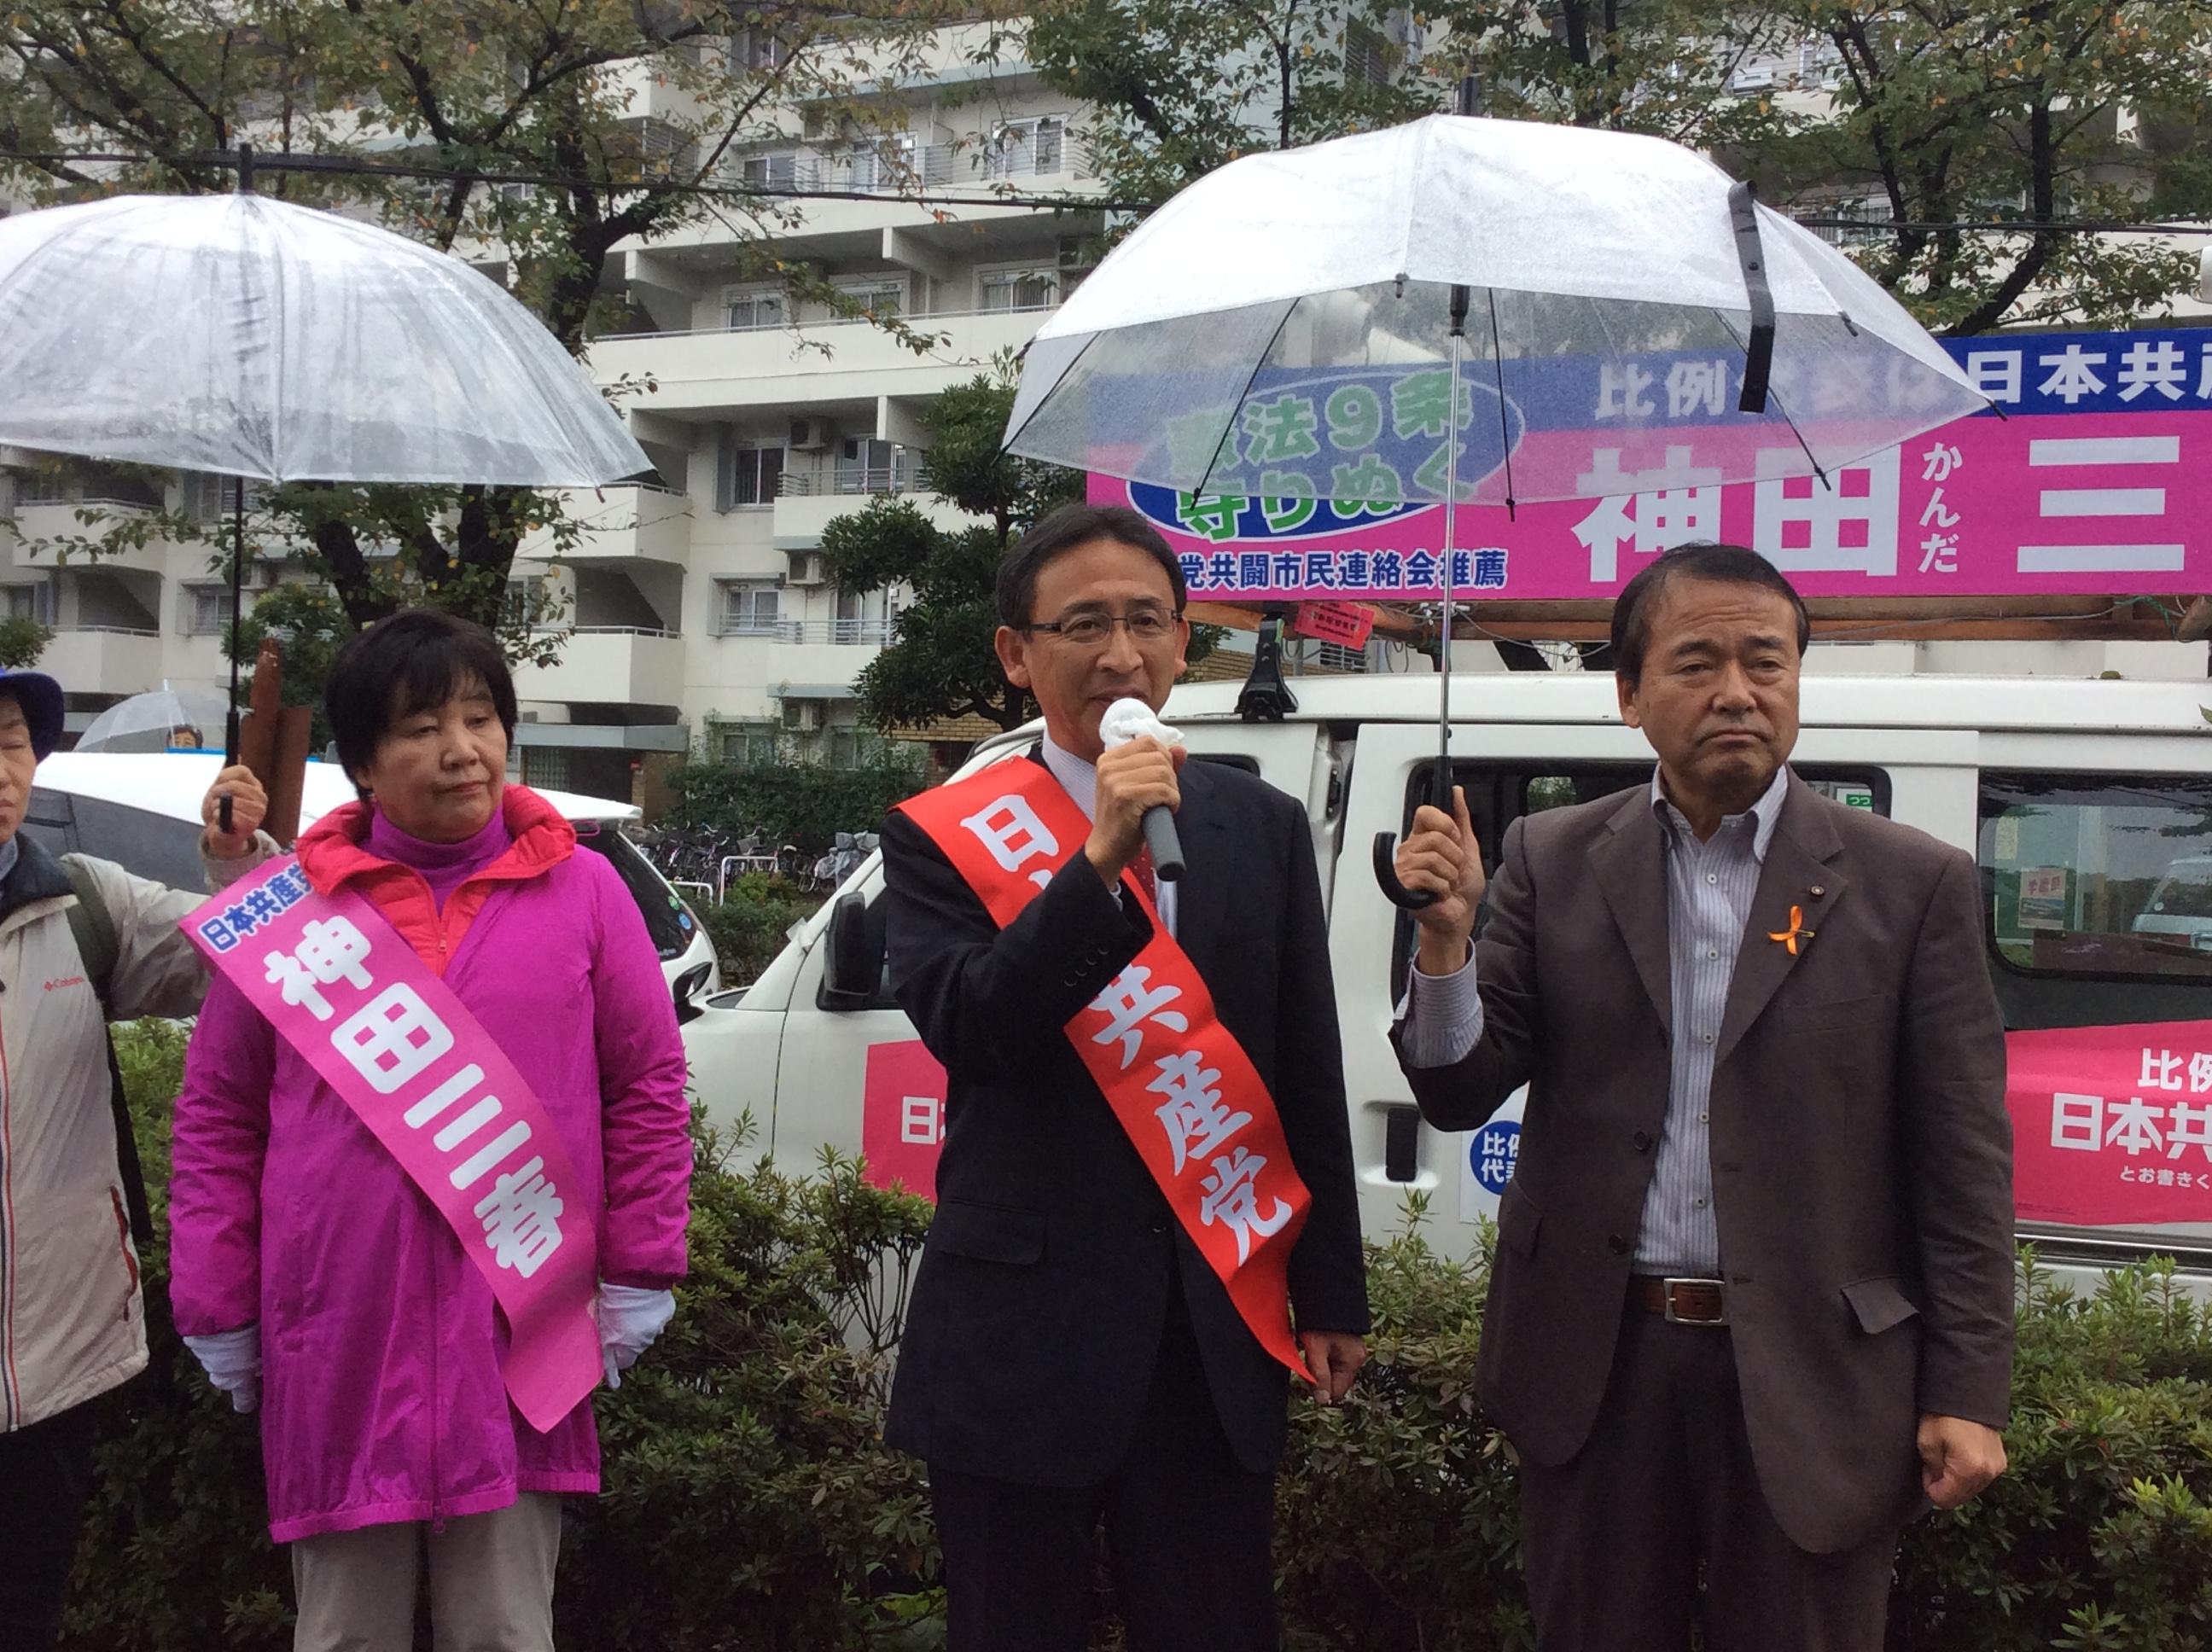 つつじ野団地にて塩川前衆議院議員と神田さん